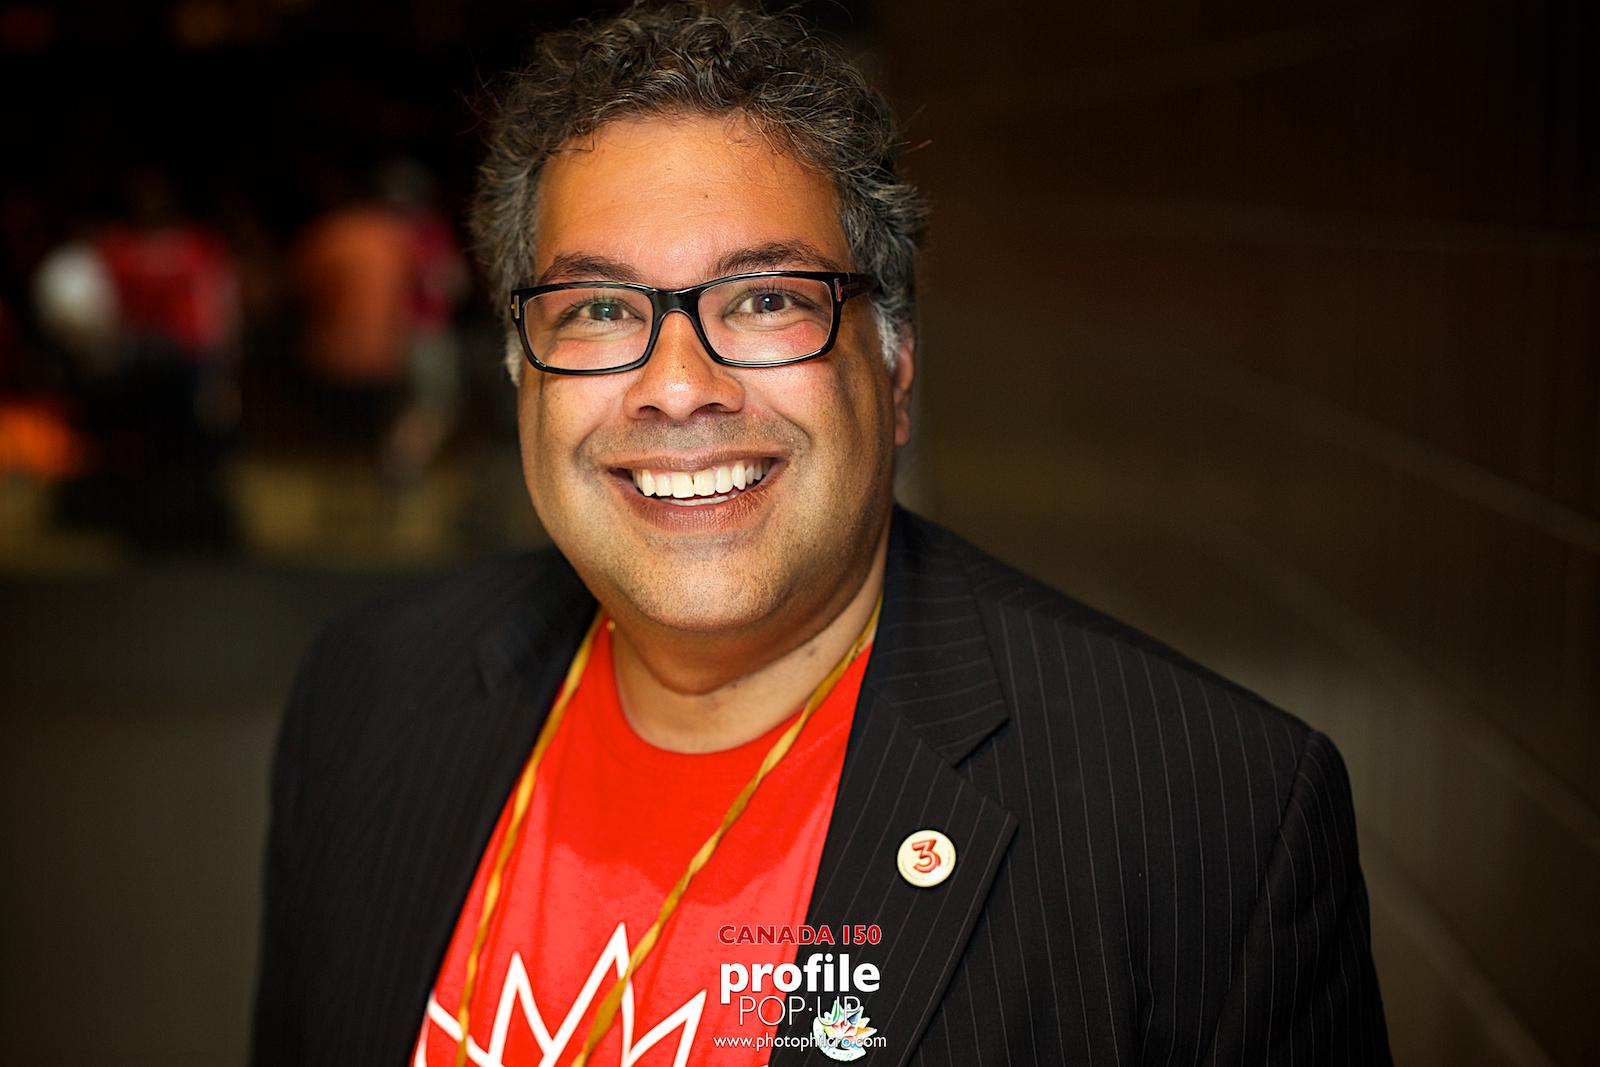 ProfilePopup_Canada150_Facebook 084.jpg